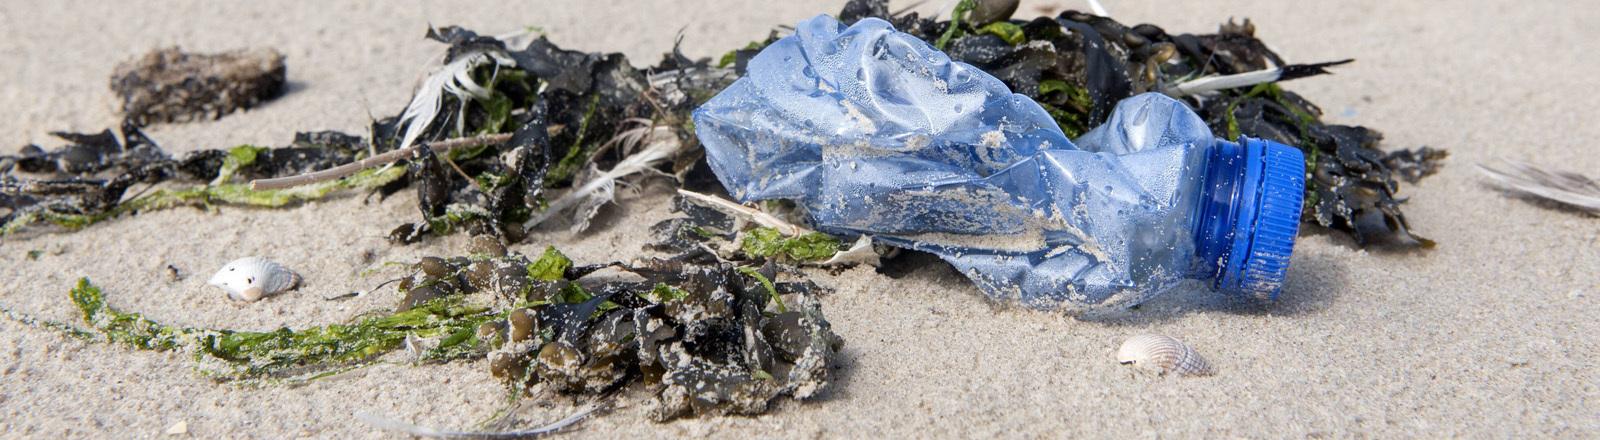 Plastikflasche mit Algen am Strand